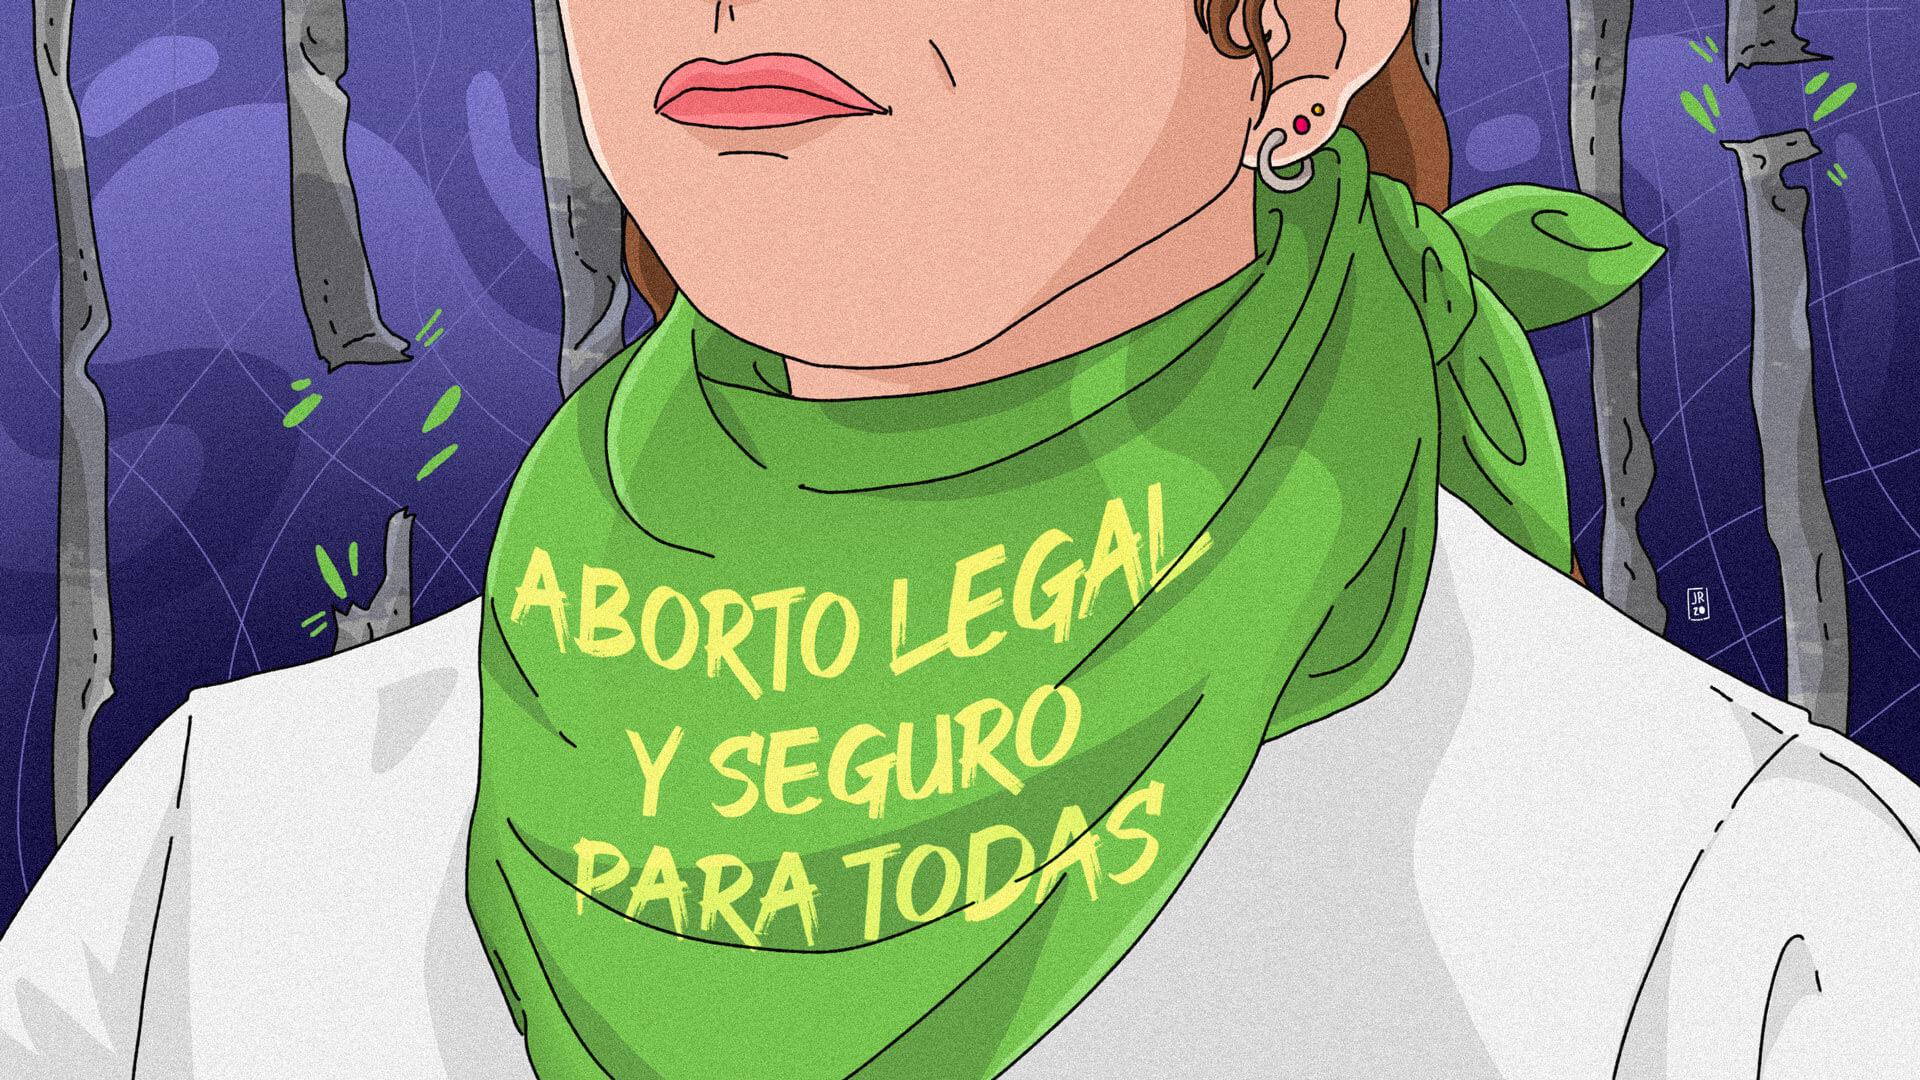 La nueva oportunidad para la despenalización total del aborto en Colombia